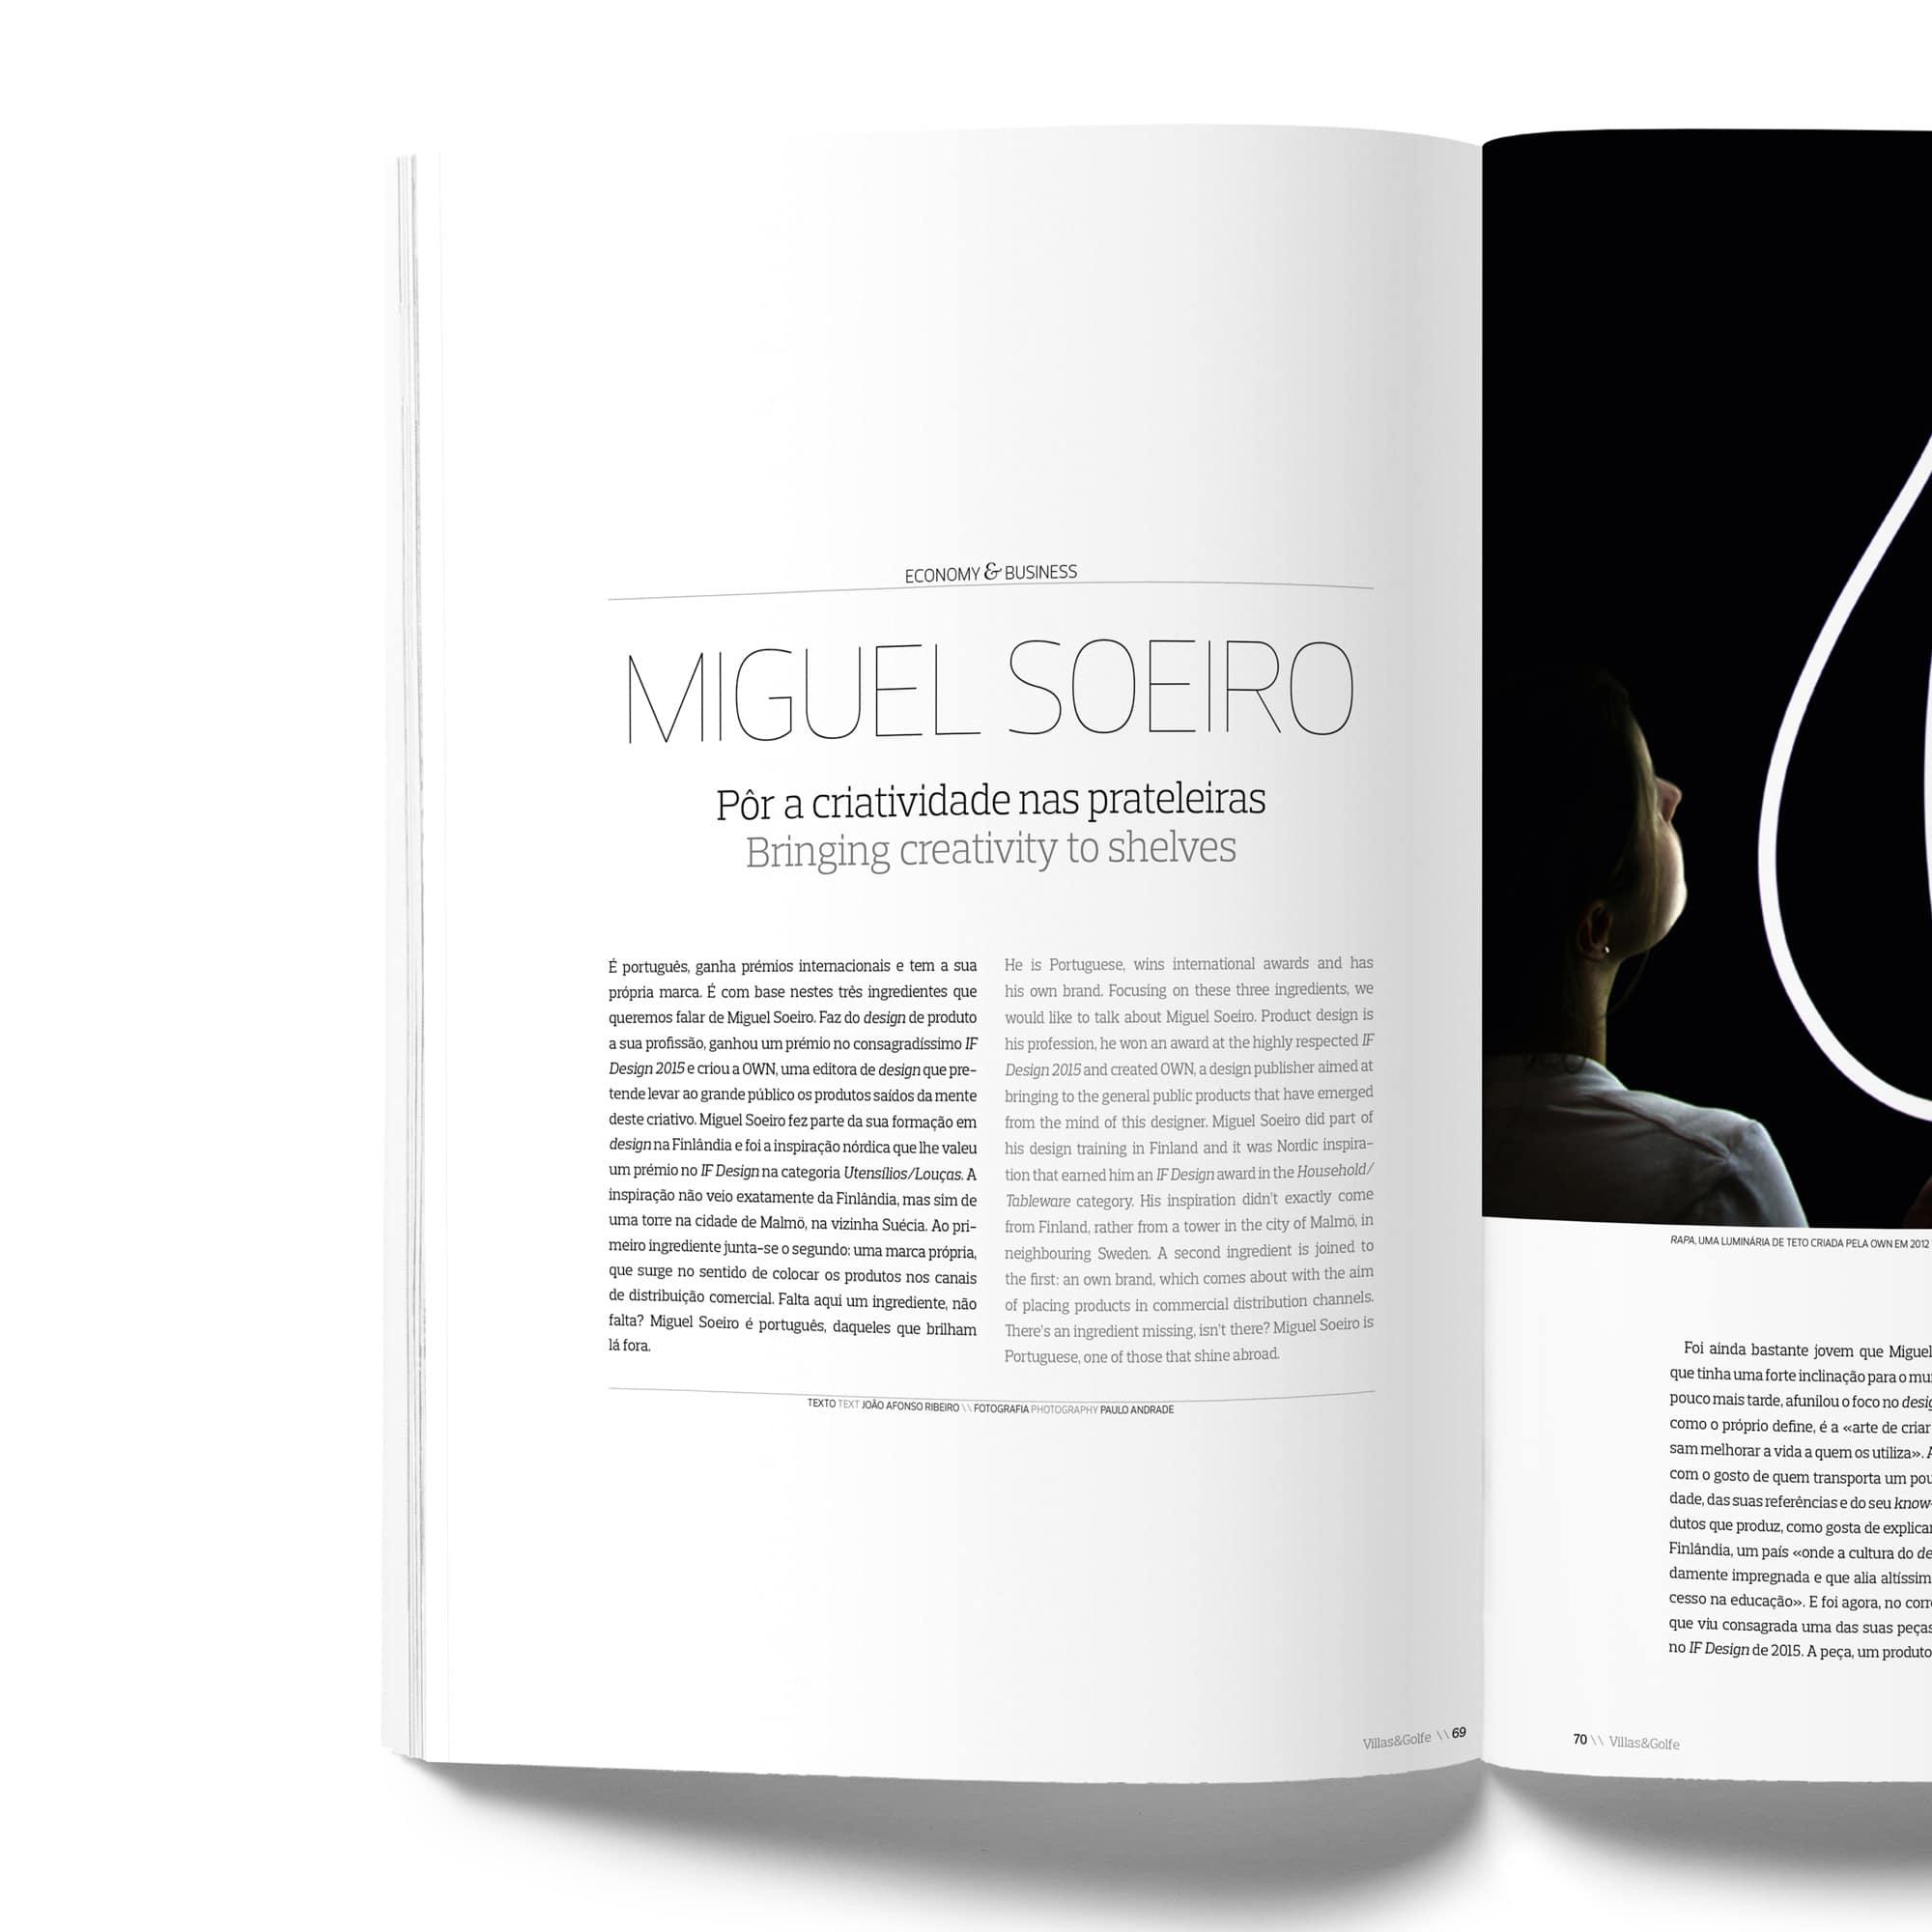 Villas & Golfe Inner Page - DESIGN BY MIGUEL SOEIRO